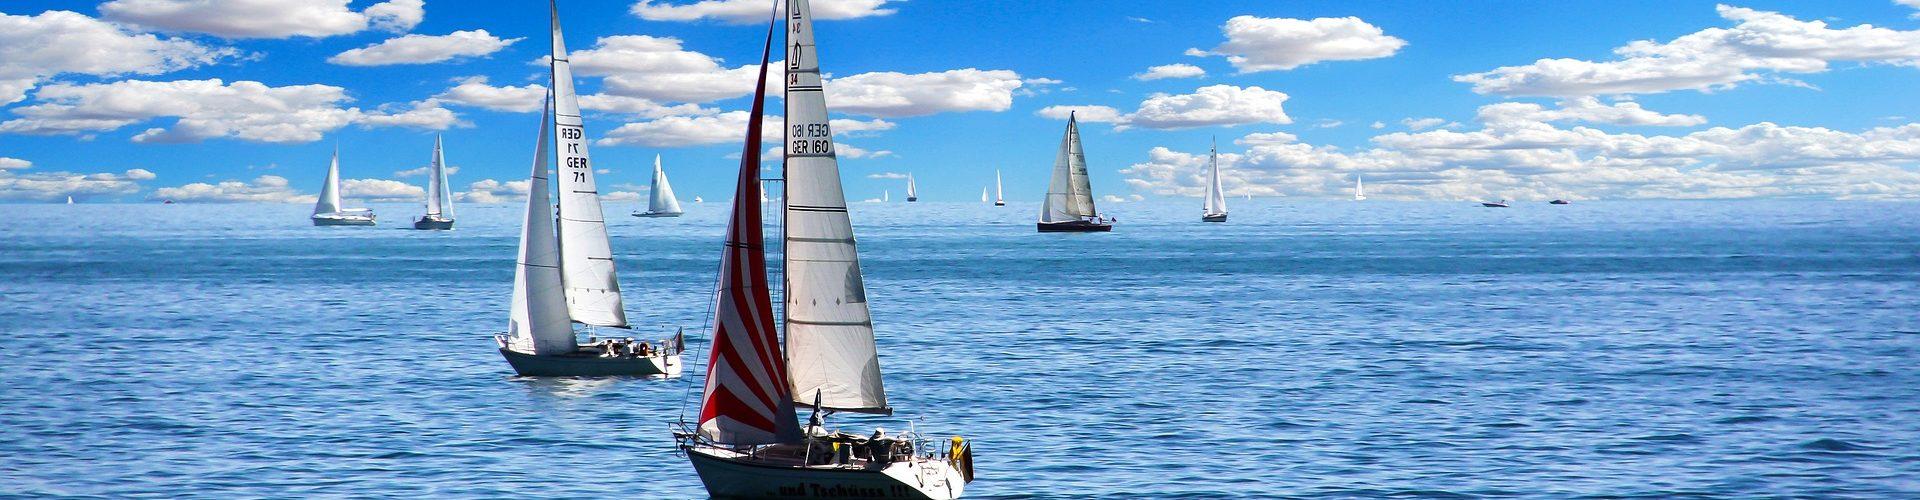 segeln lernen in Spraitbach segelschein machen in Spraitbach 1920x500 - Segeln lernen in Spraitbach